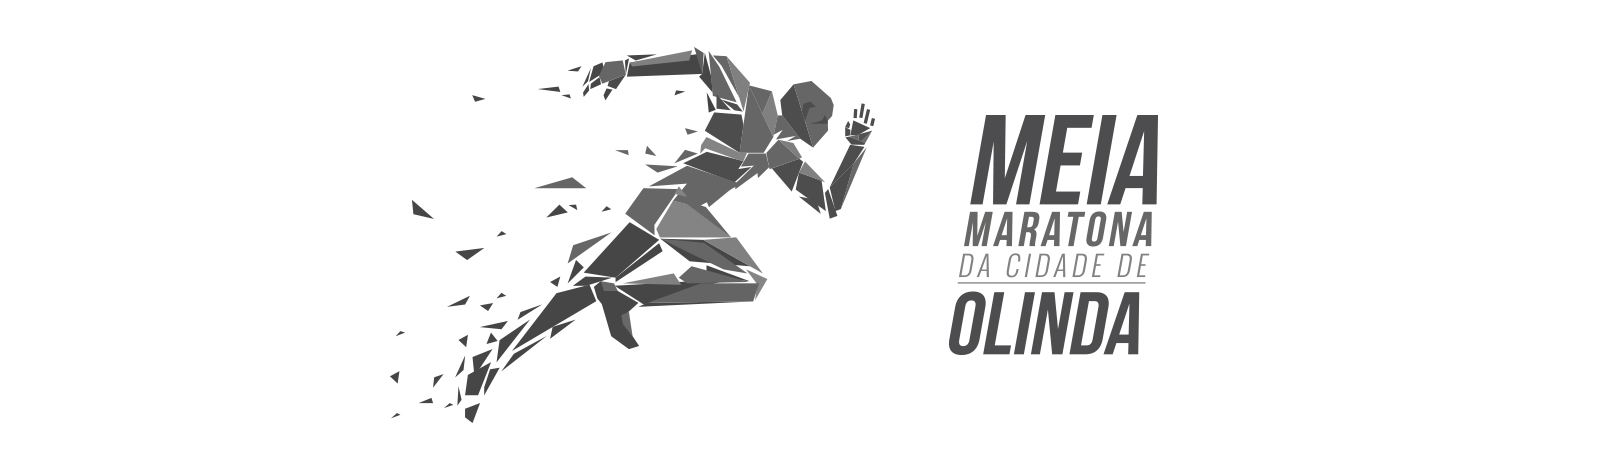 MEIA MARATONA DA CIDADE DE OLINDA - 2018 - Imagem de topo